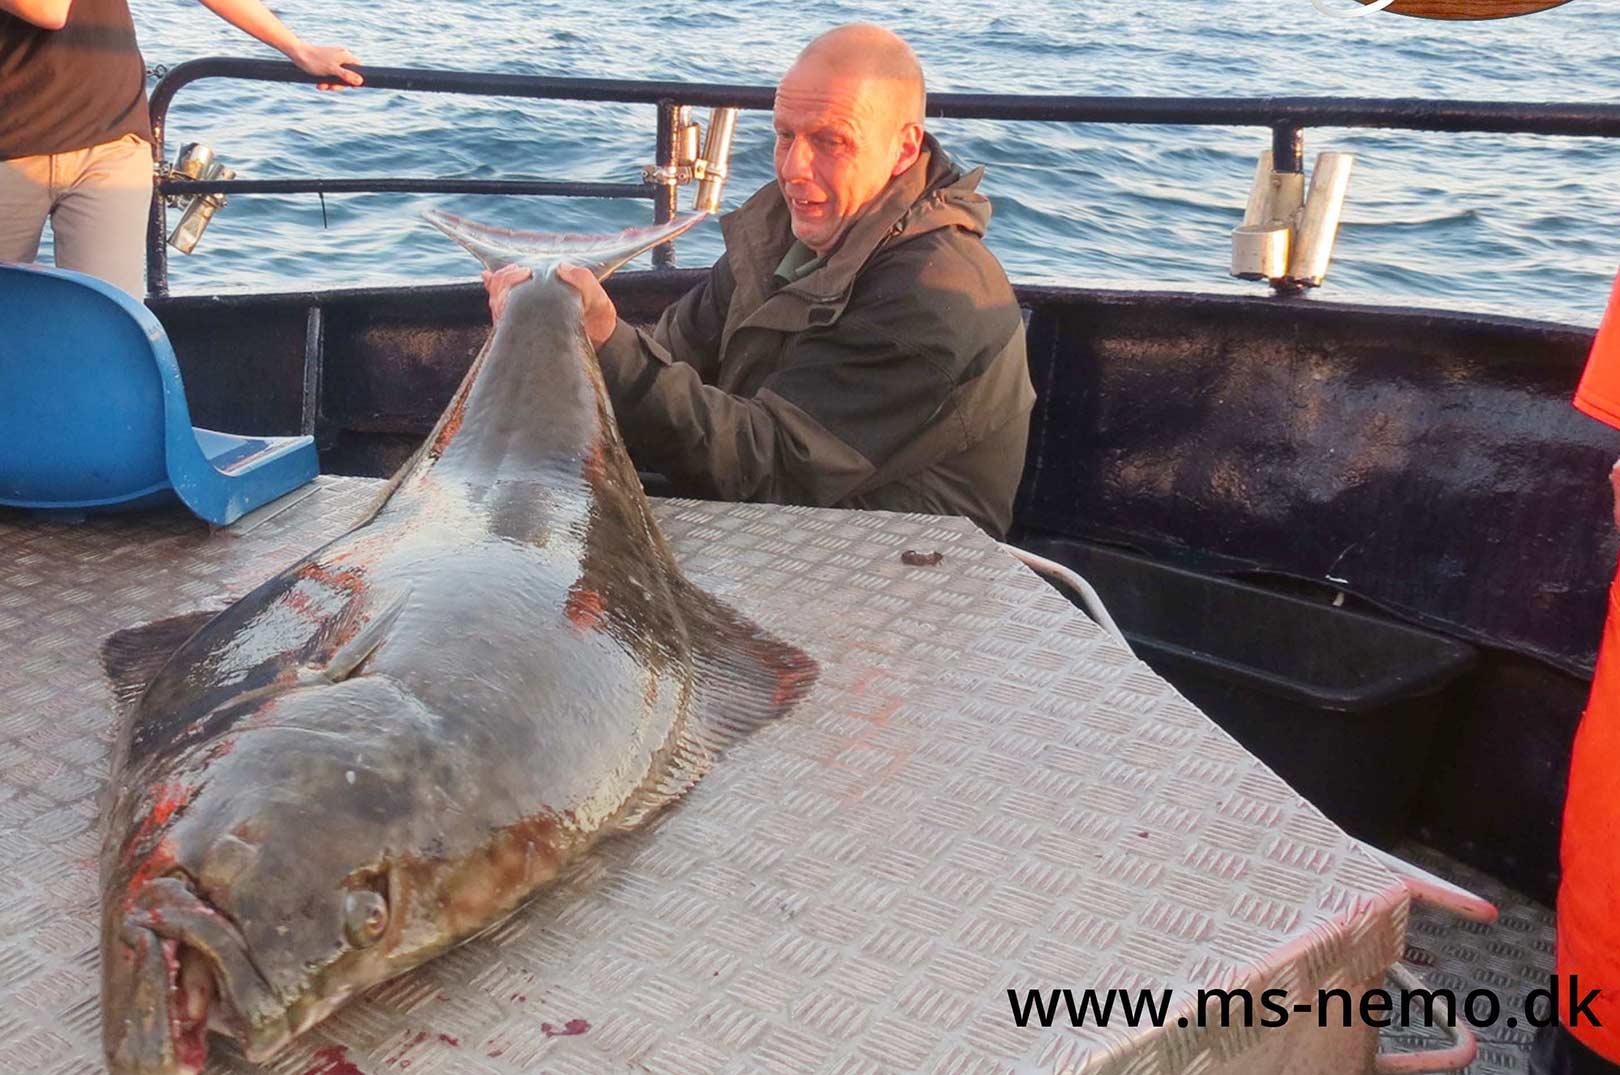 Cirka 32-35 kilo vejede den flotte helleflynder, der tirsdag aften blev landet på Nemo fra Ivans Lystfiskeri. Fangeren var tyskeren Steffen Schultz.